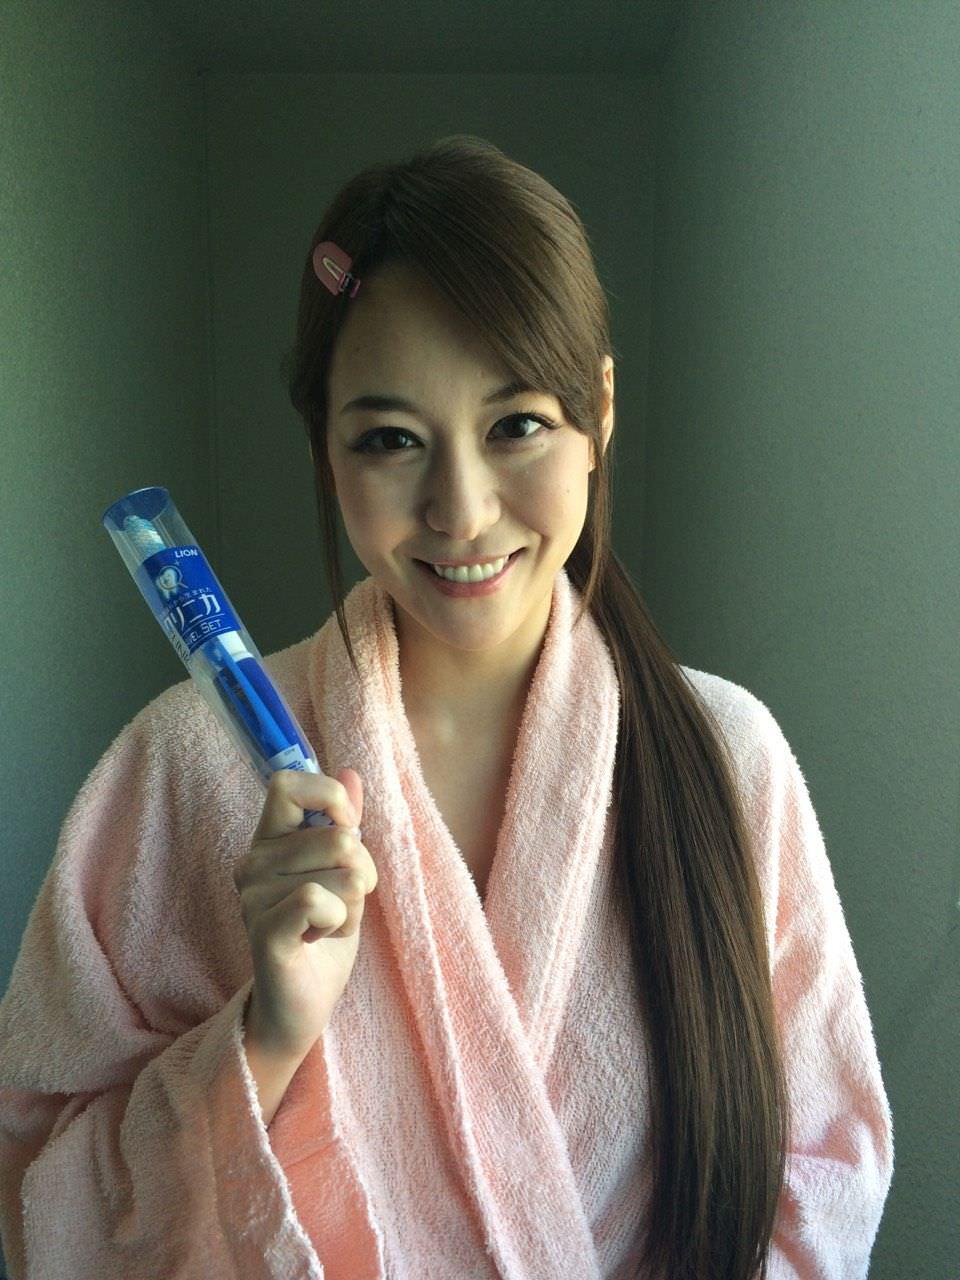 バスローブを着て休憩中のAV女優、朝桐光